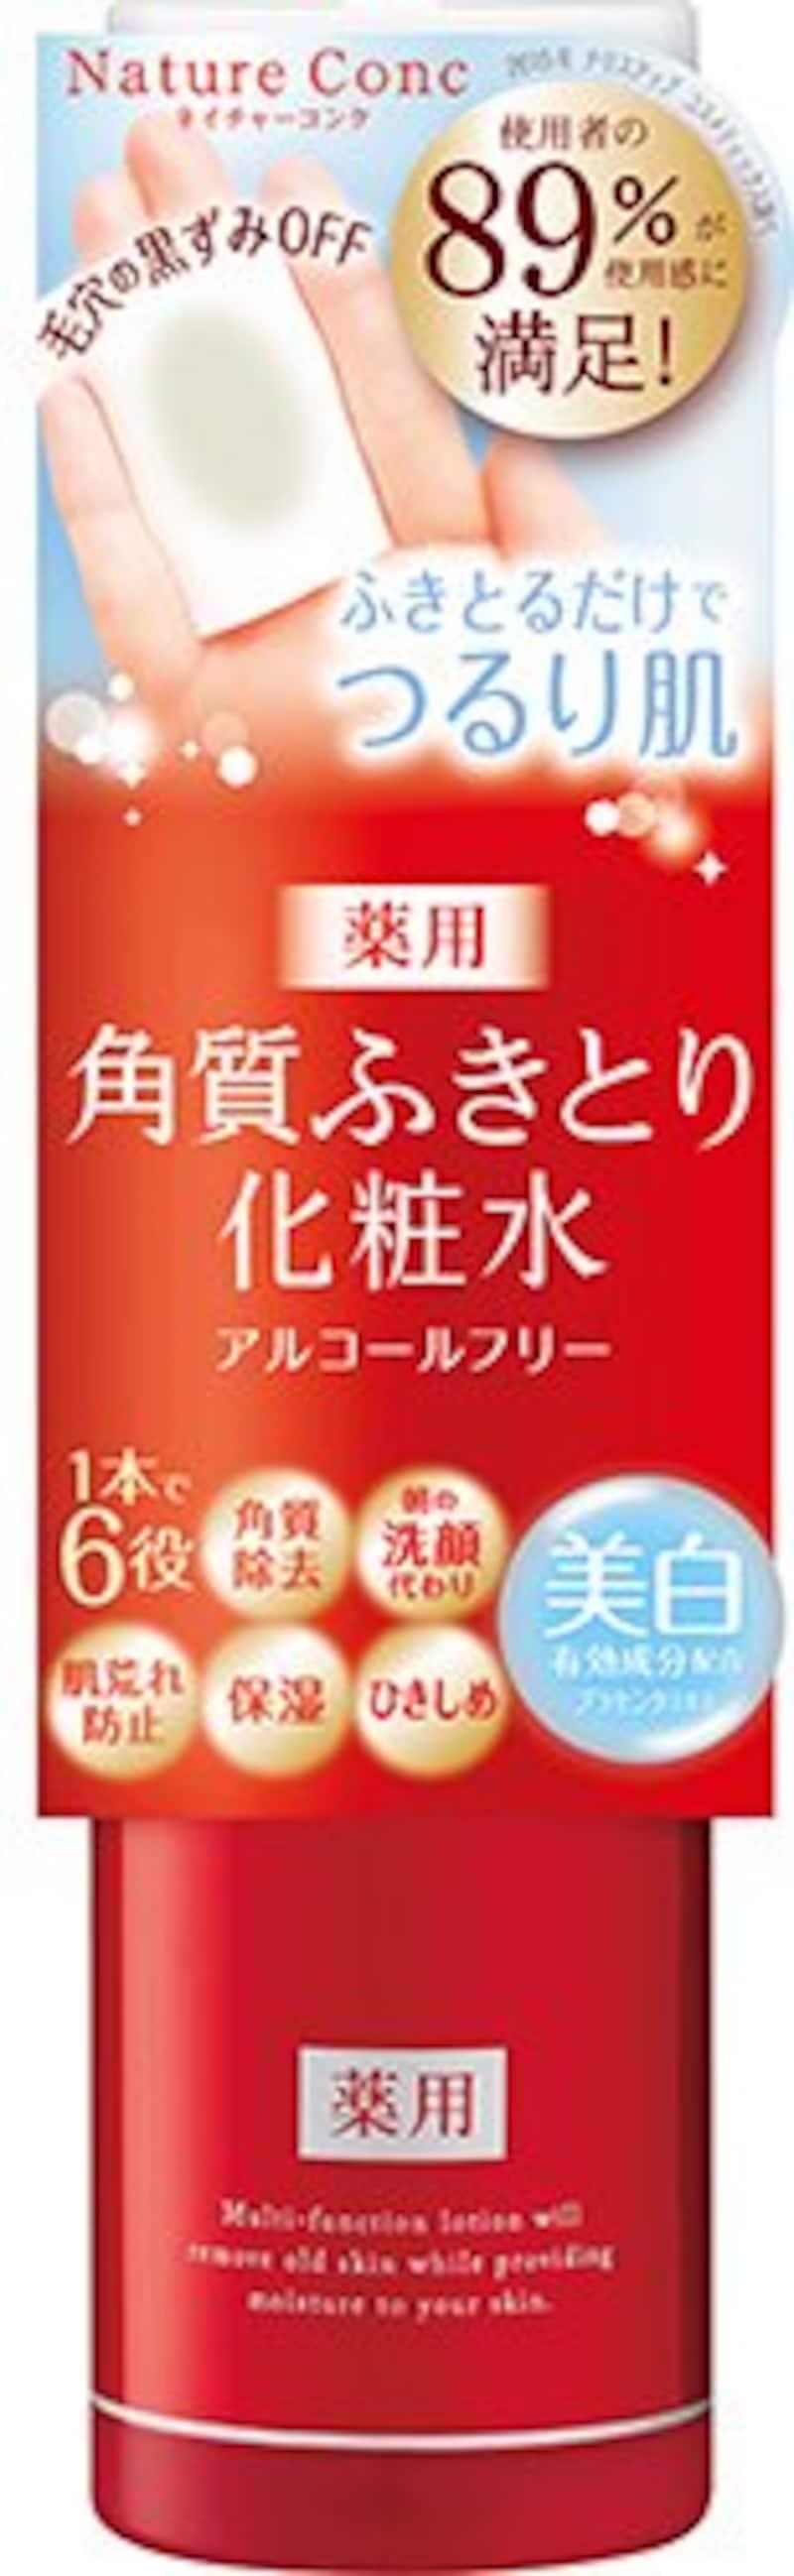 ナリス化粧品,ネイチャーコンク 角質ふきとり化粧水